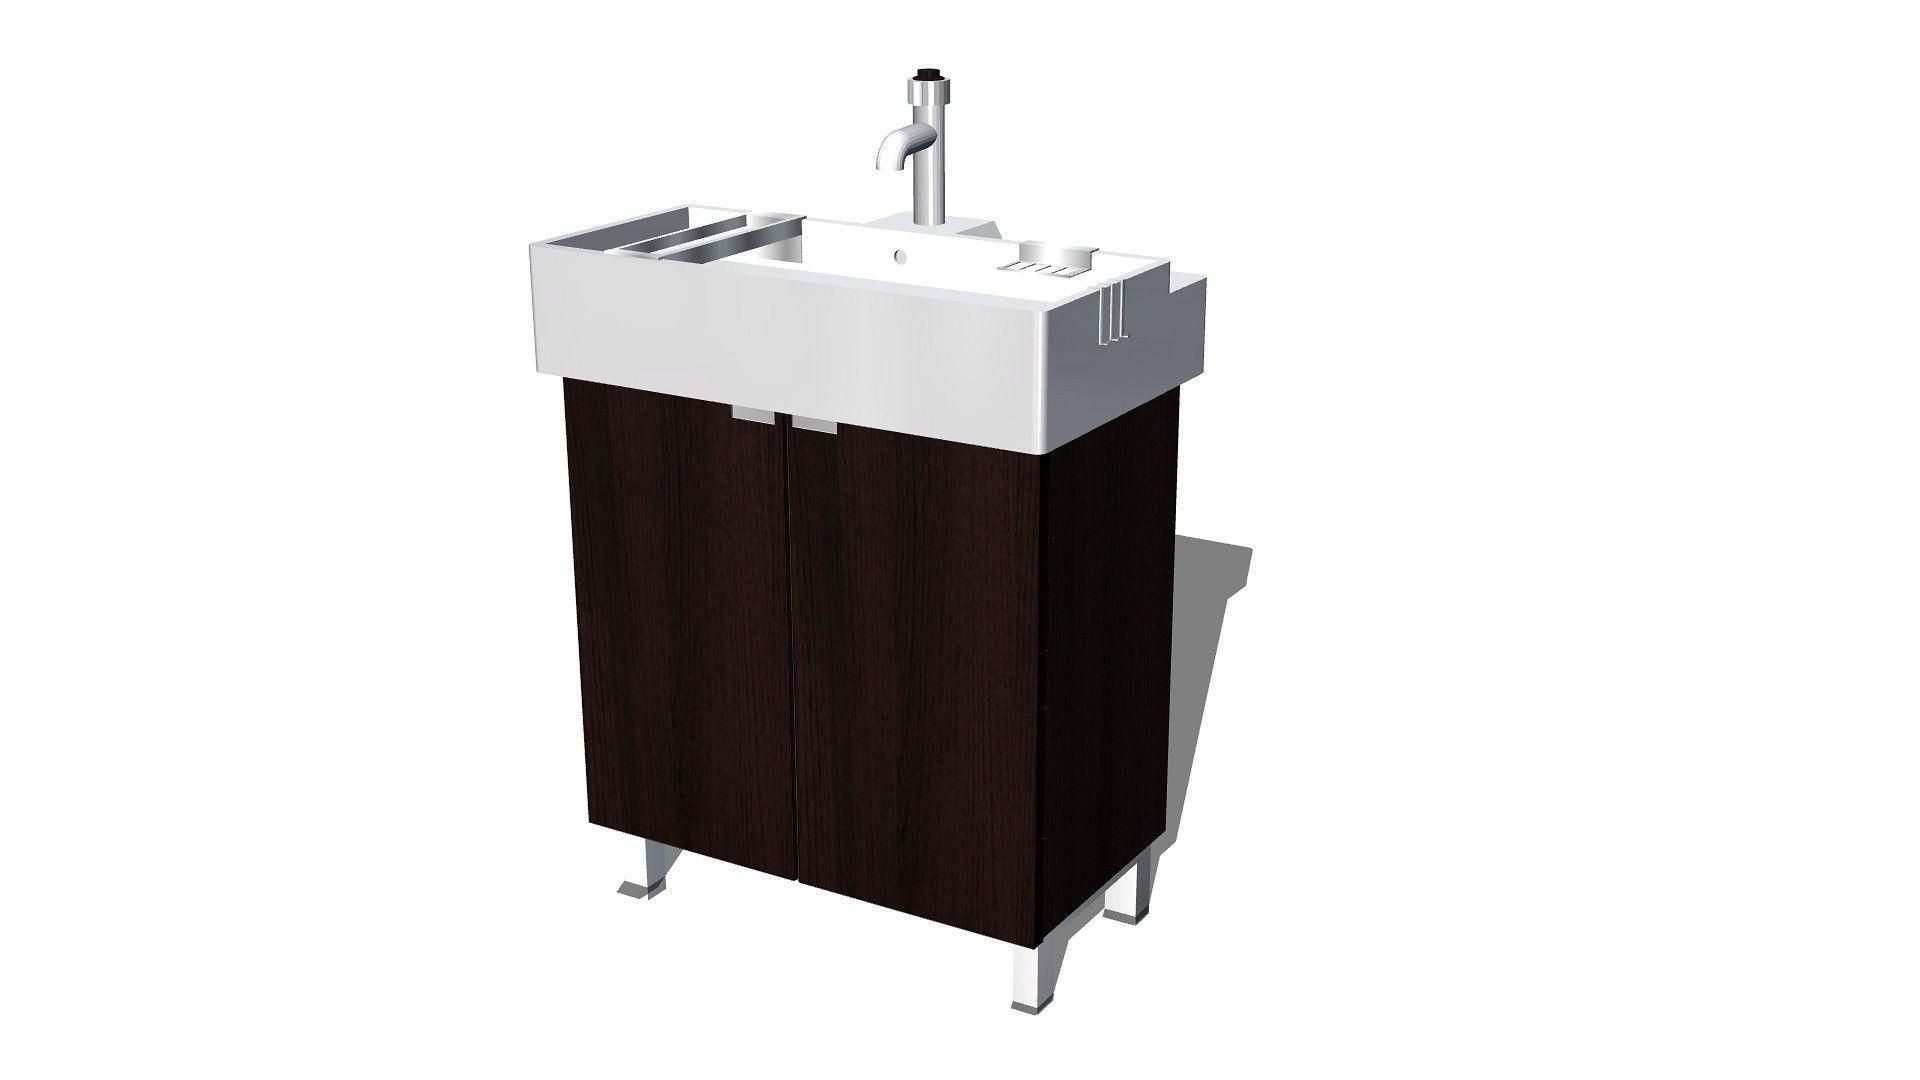 Maya Lillangen Sink Cabinet Ikea Bathroom - 3D Model | 3D-Modeling ...